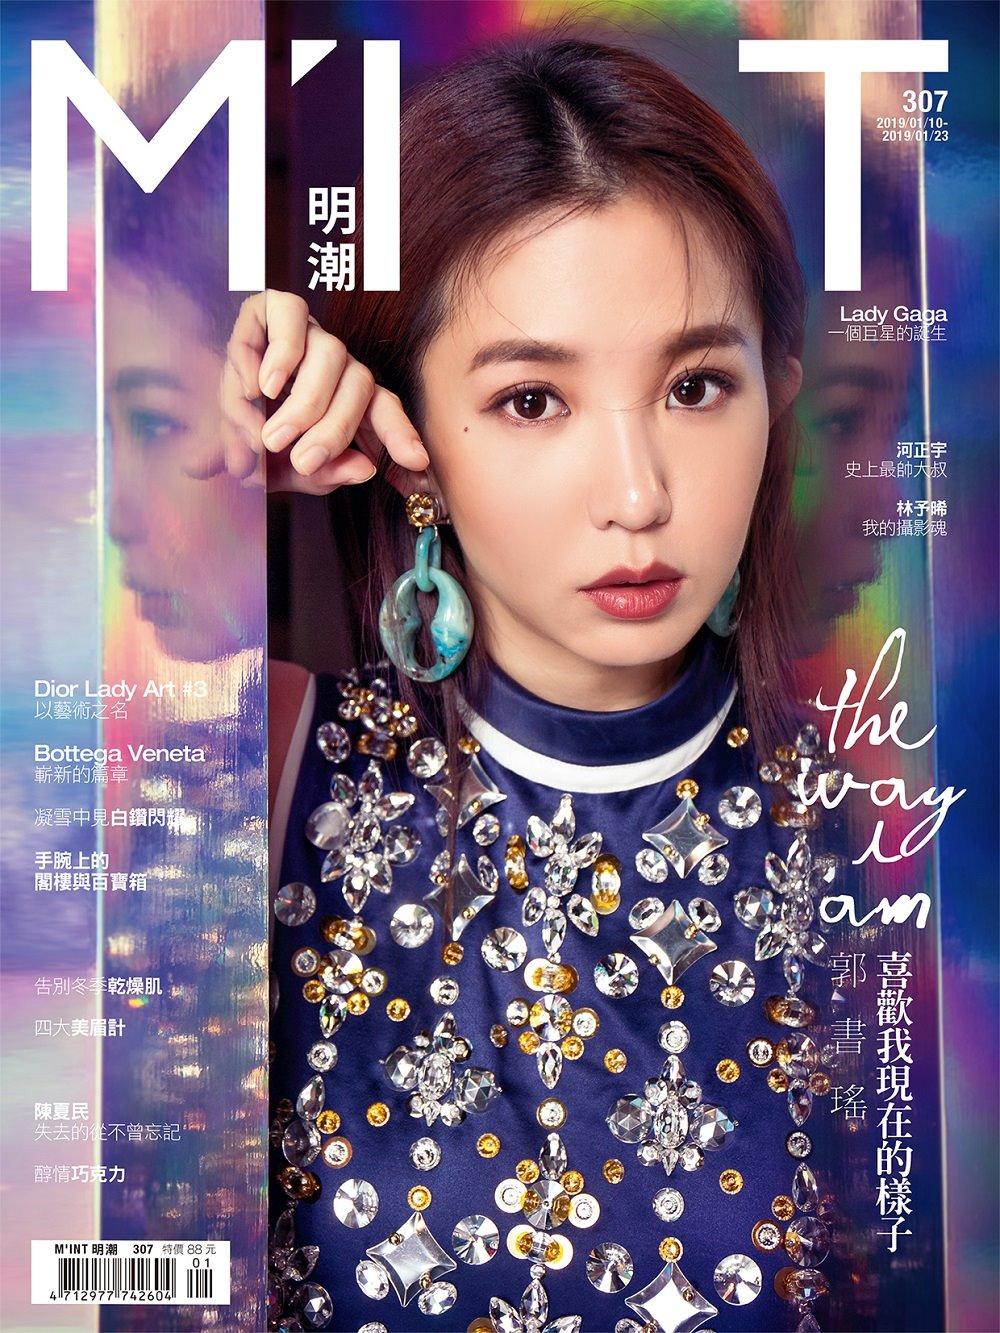 明潮(雙週刊) 2019/1/10第307期